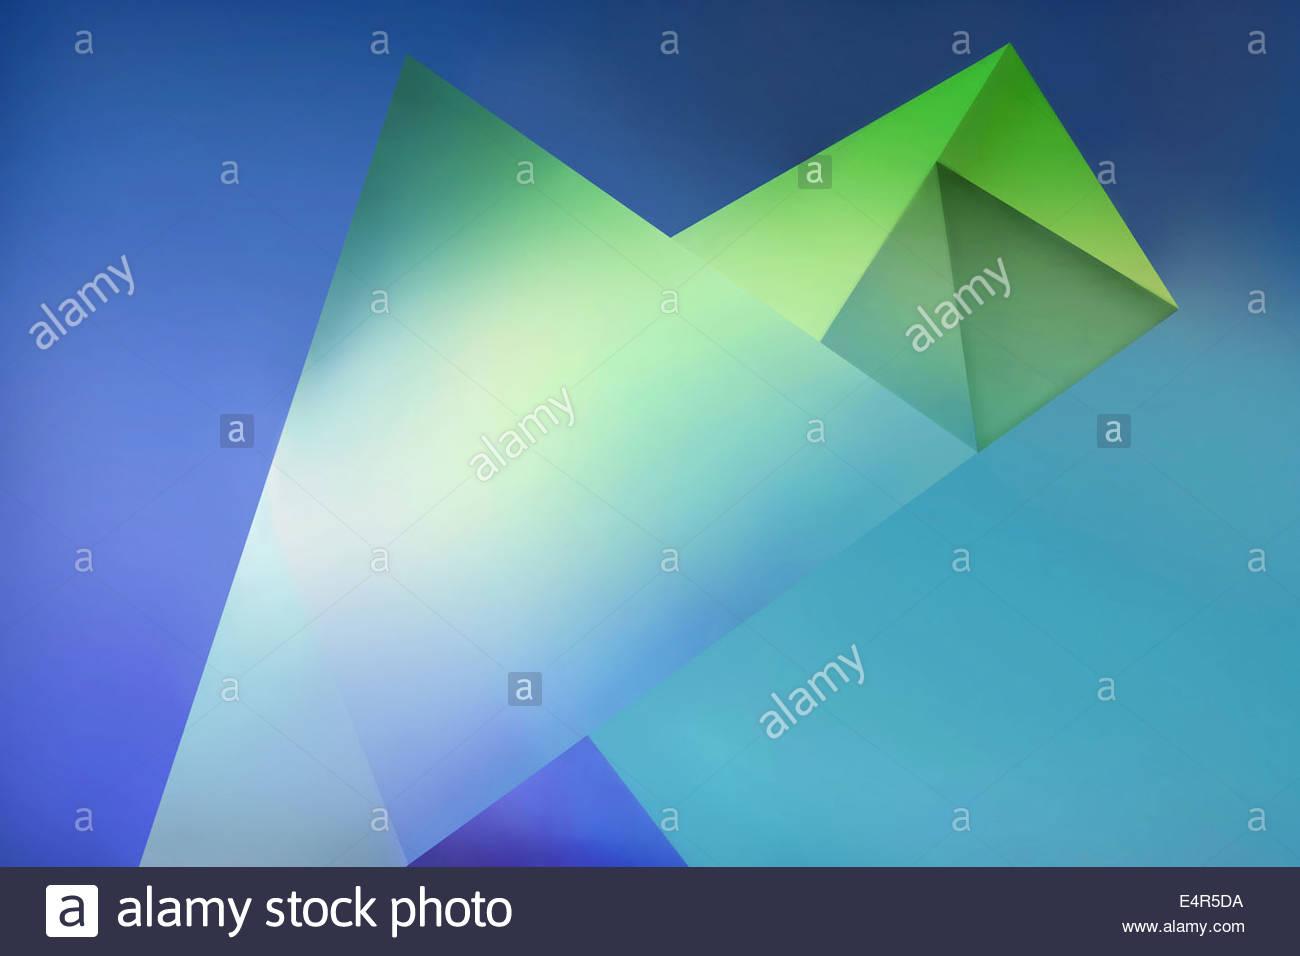 Résumé motif origines de formes géométriques Photo Stock